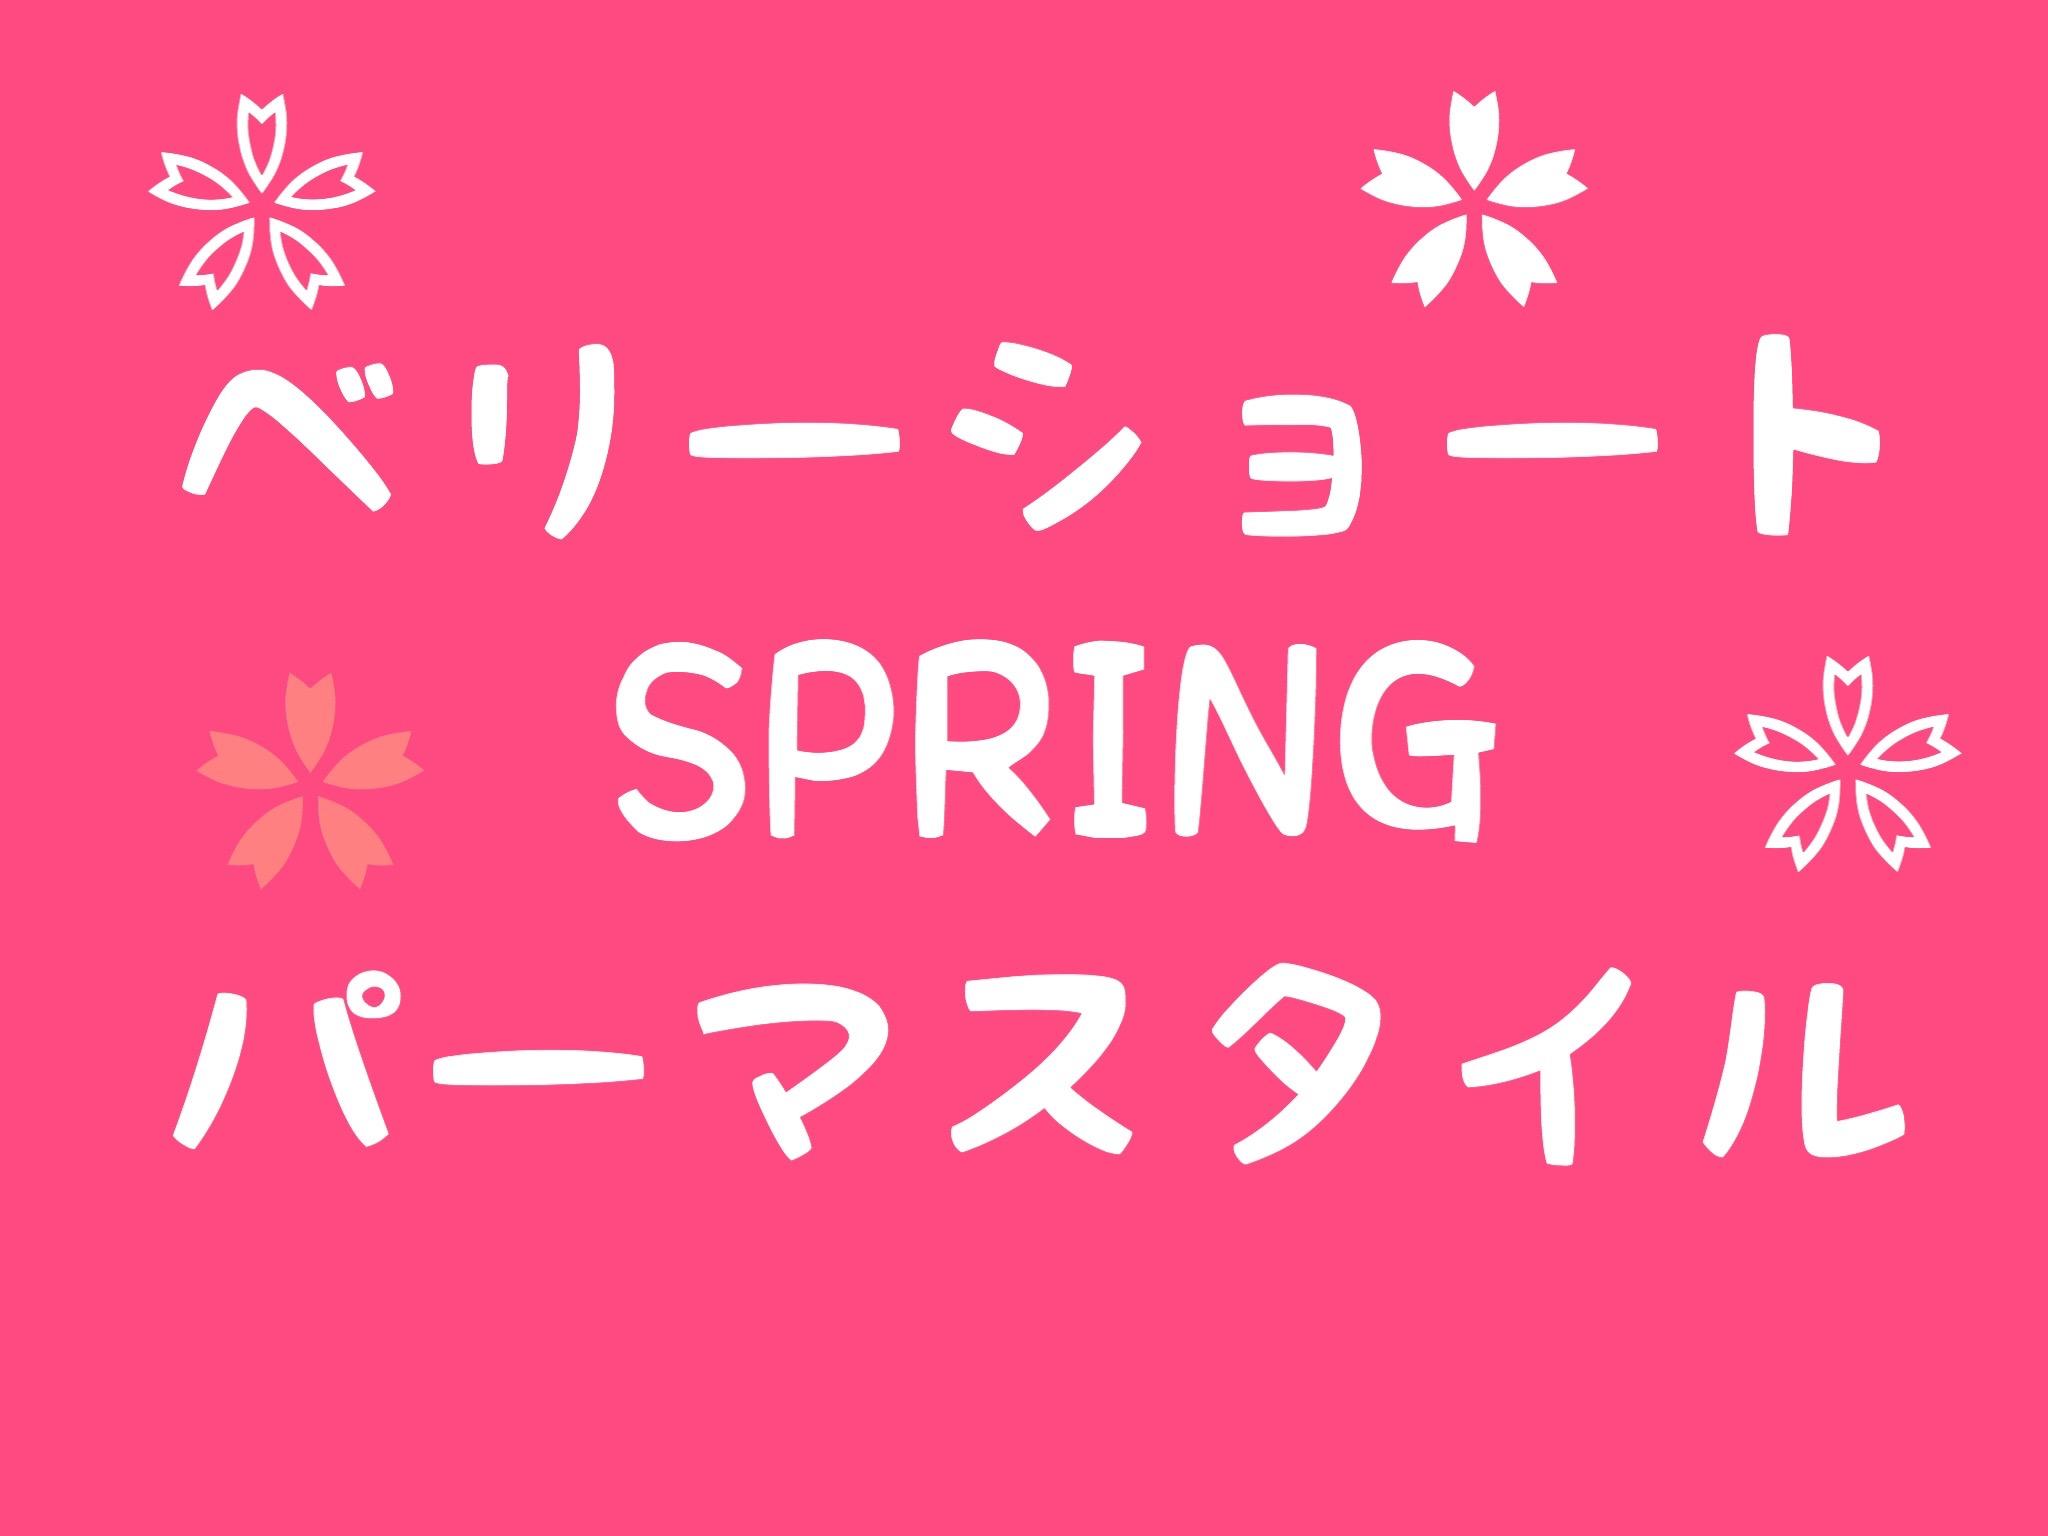 【☆最旬☆】ベリーショートスプリングパーマスタイル